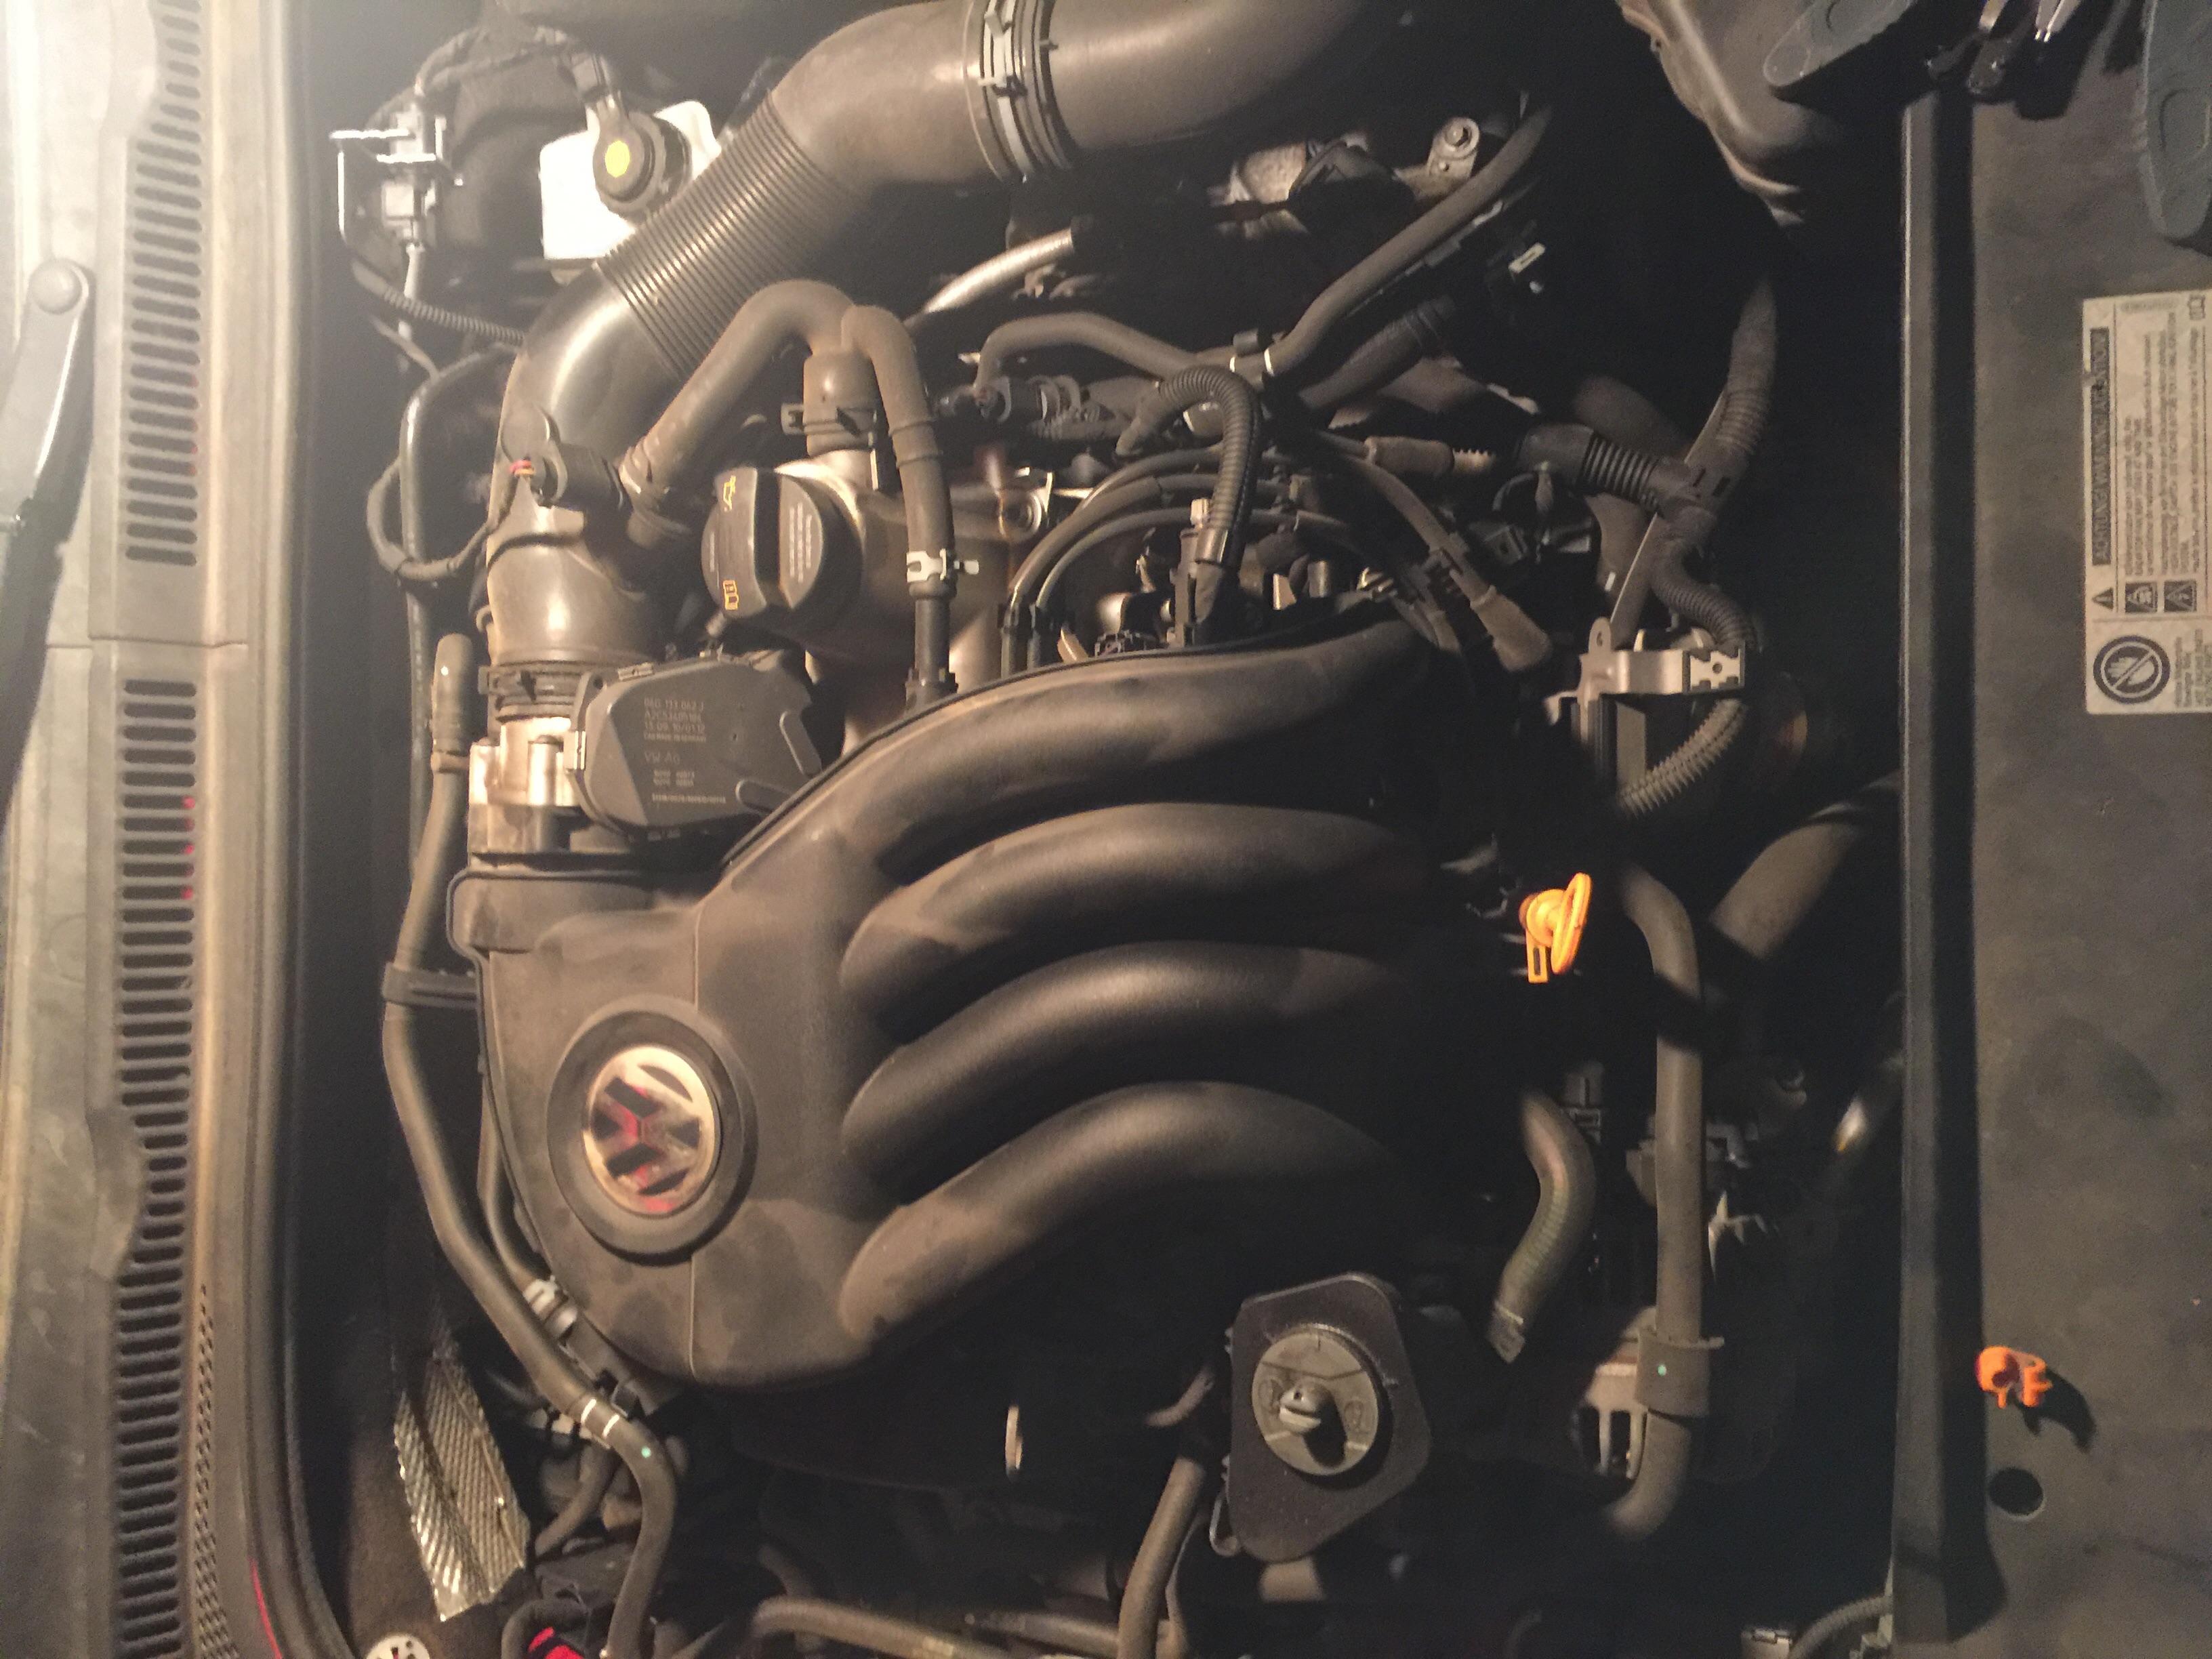 I ran a VCDS scan on my 2011 Volkswagen Jetta 2 0L SFI SOHC